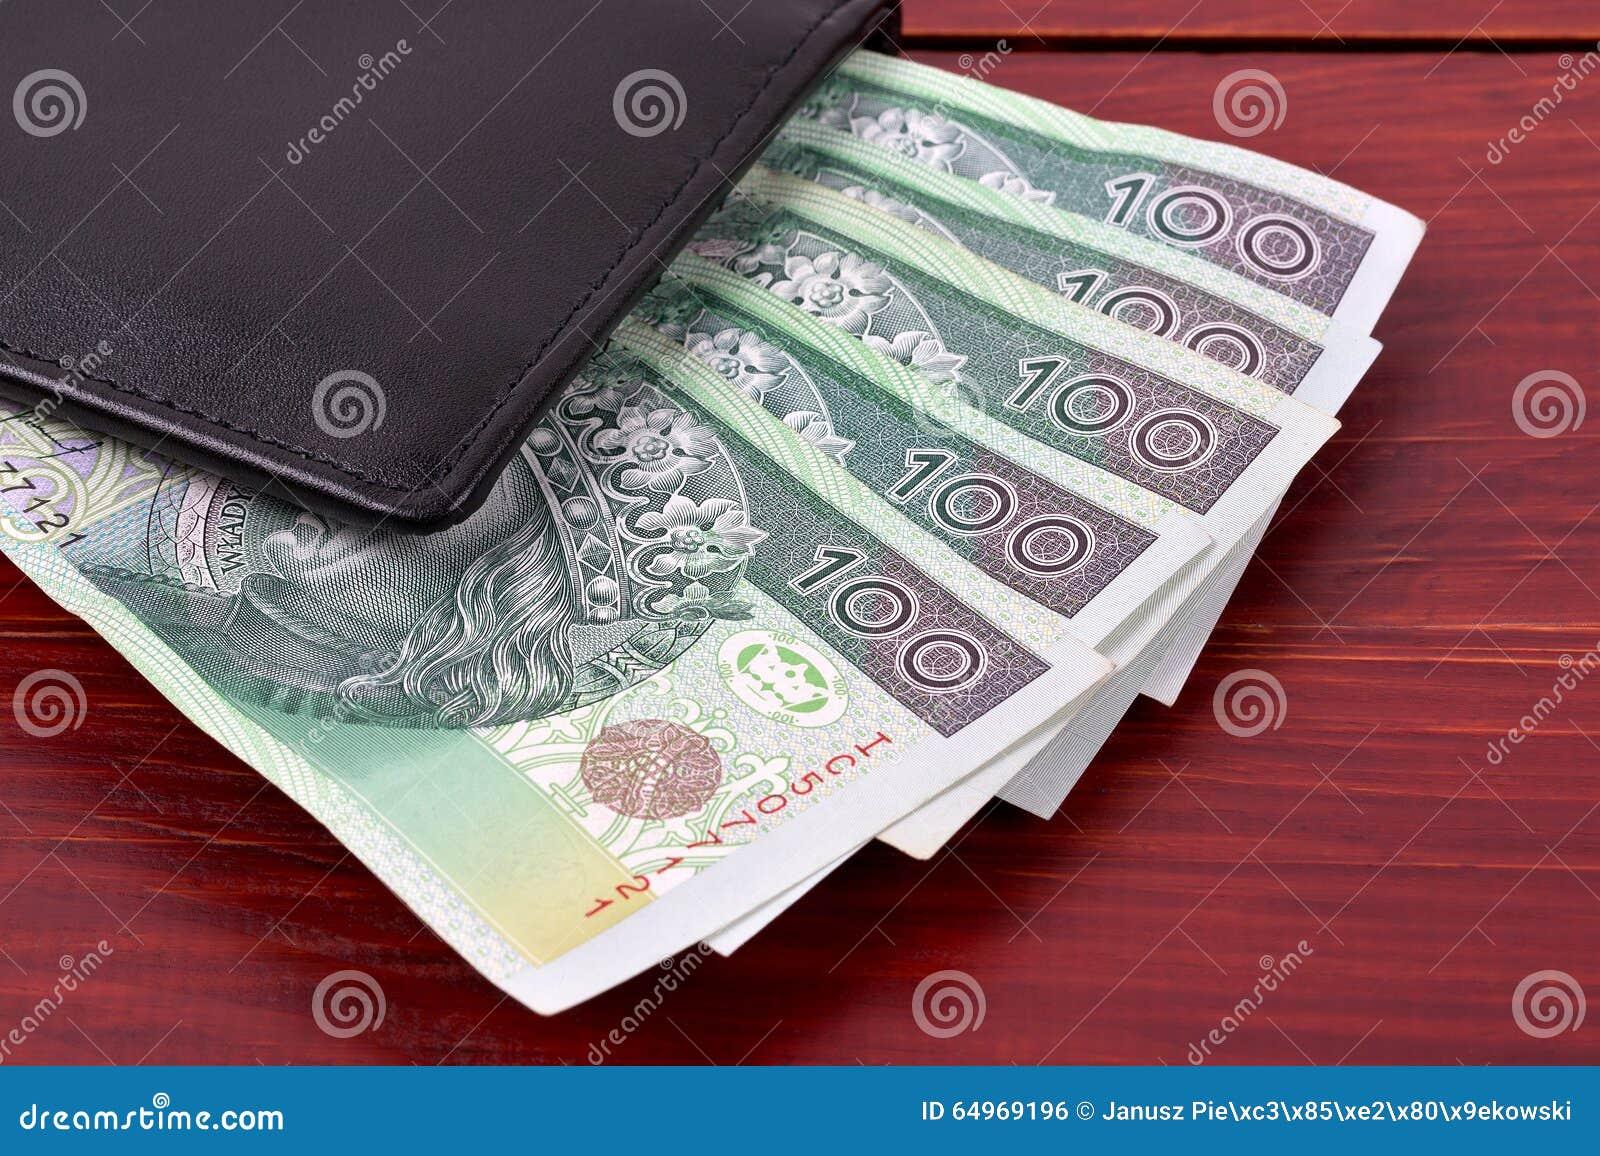 Walet avec l argent polonais